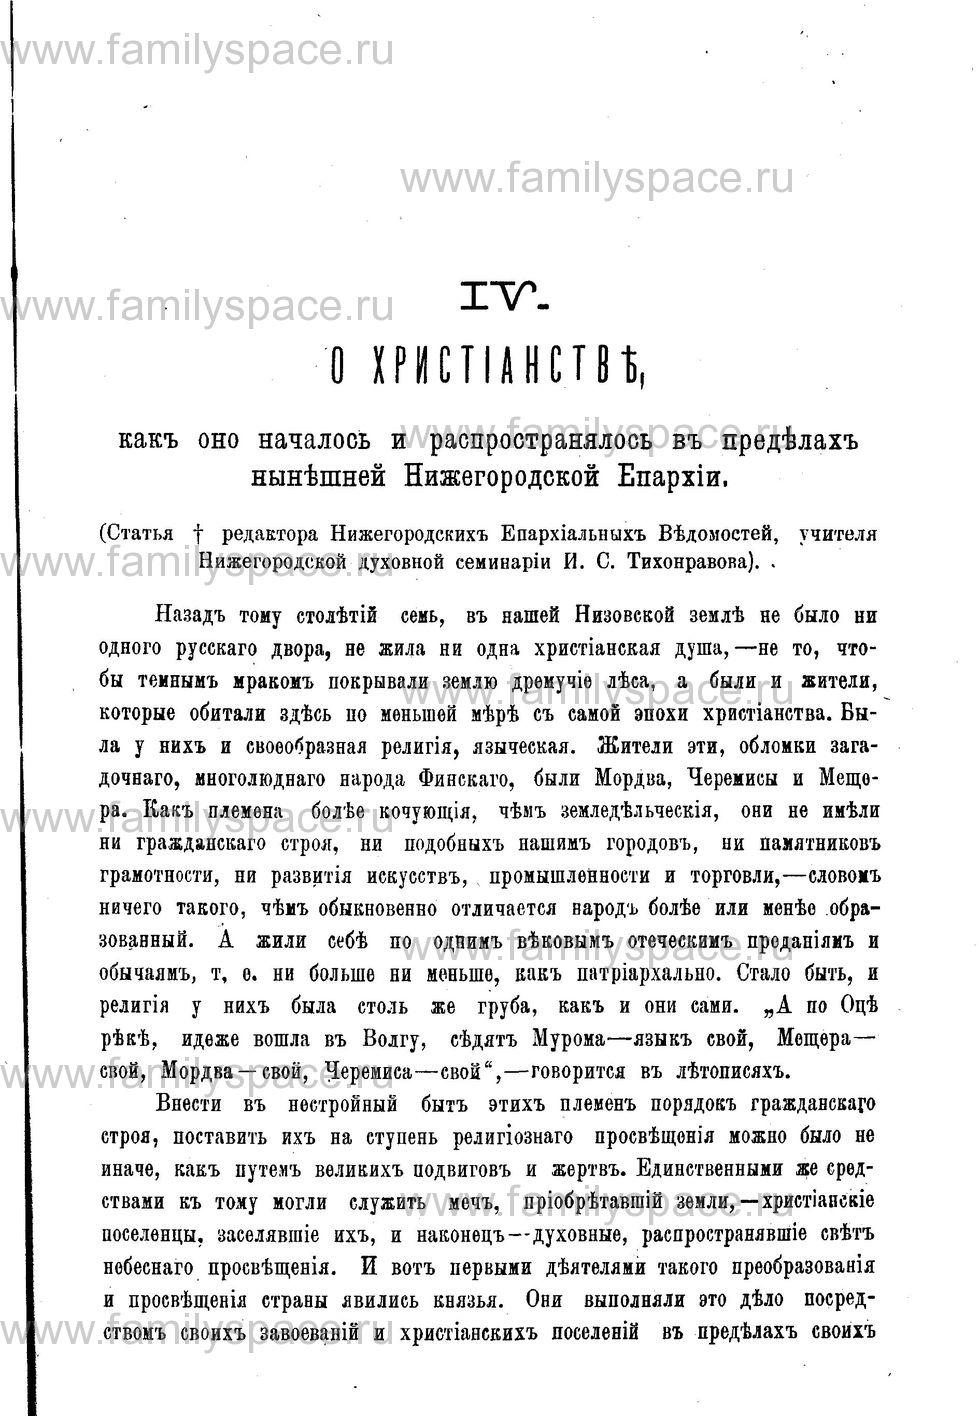 Поиск по фамилии - Адрес-календарь Нижегородской епархии на 1888 год, страница 1961